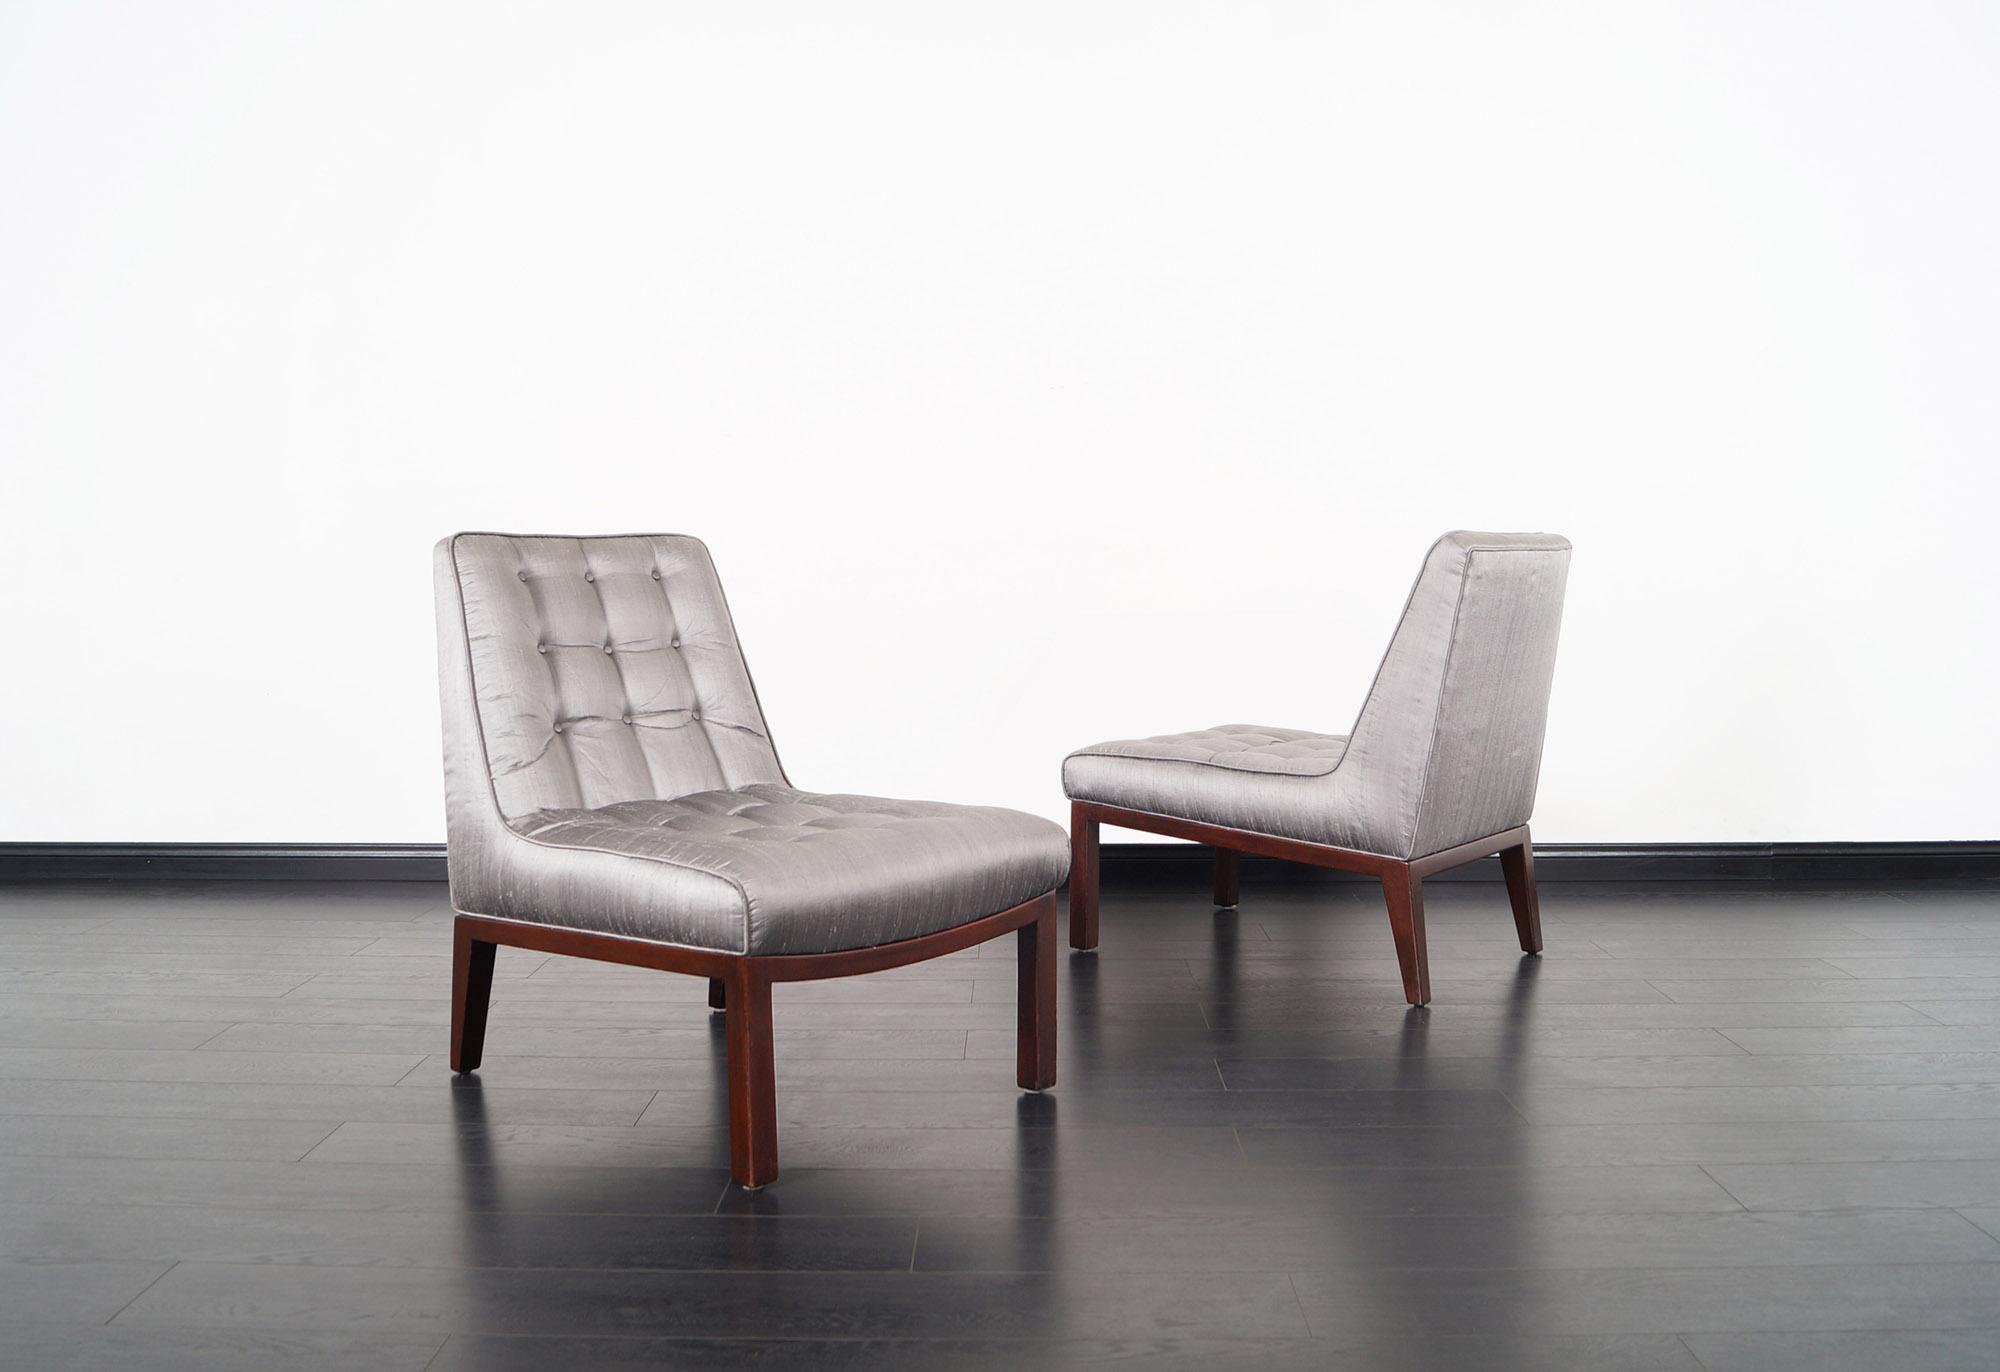 Dunbar Slipper Chairs by Edward J. Wormley